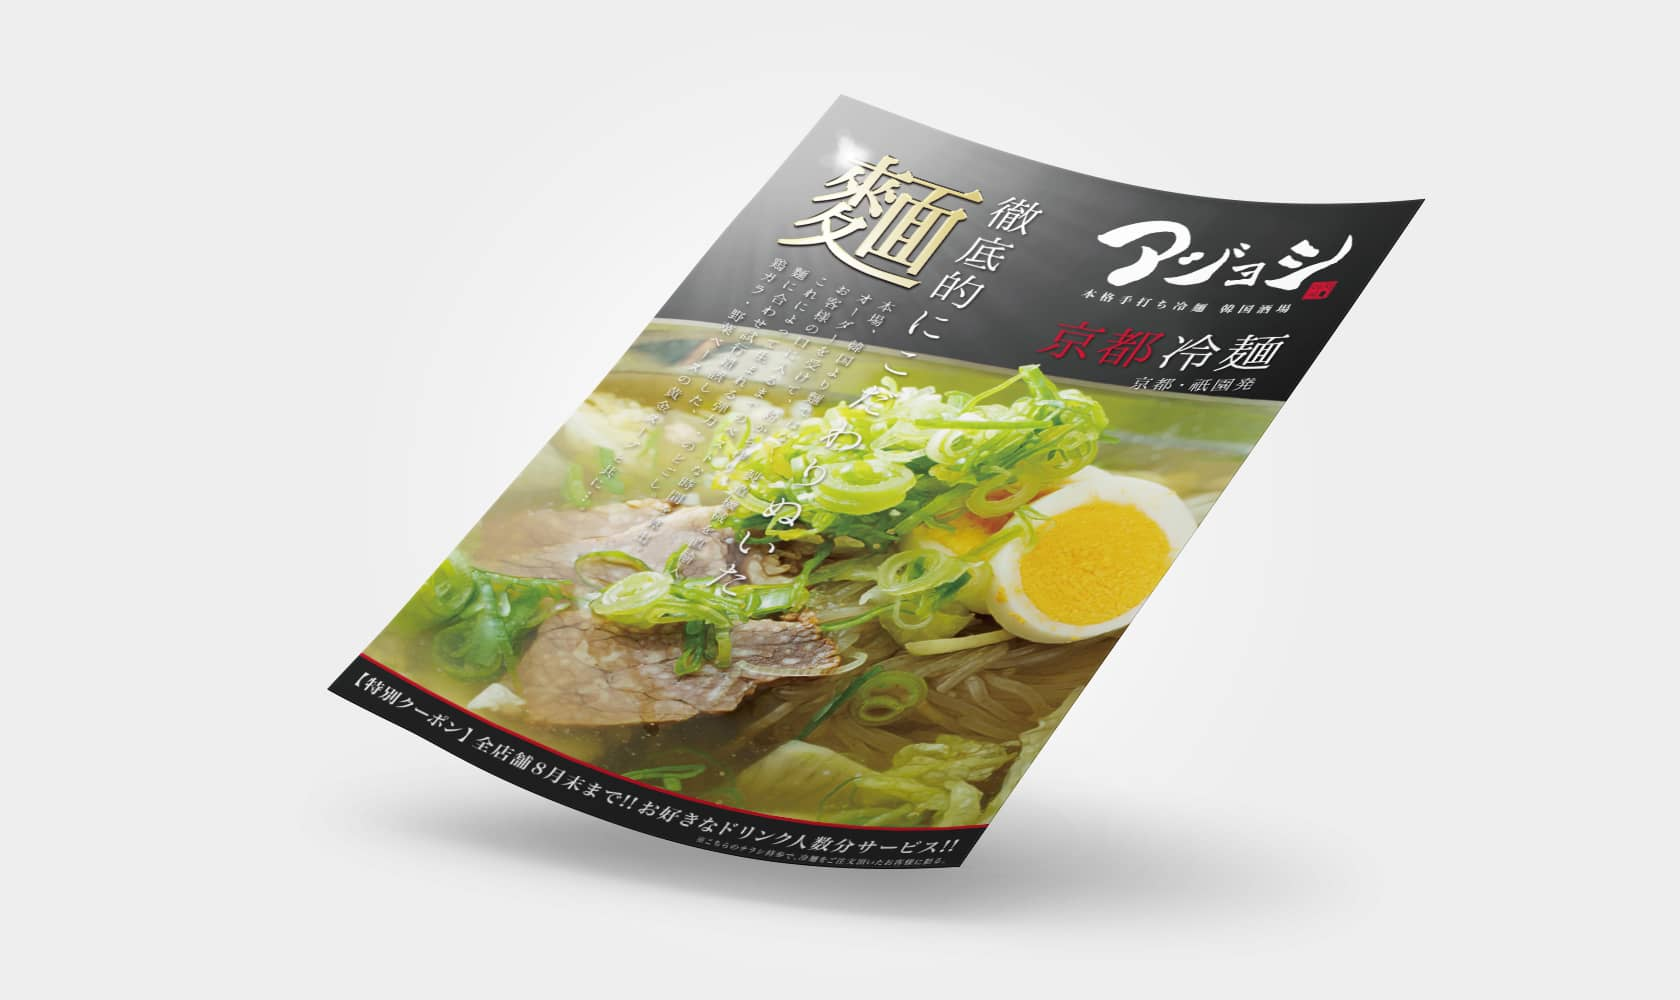 京風韓国ダイニング アジョシ 新店舗 OPEN宣伝チラシ